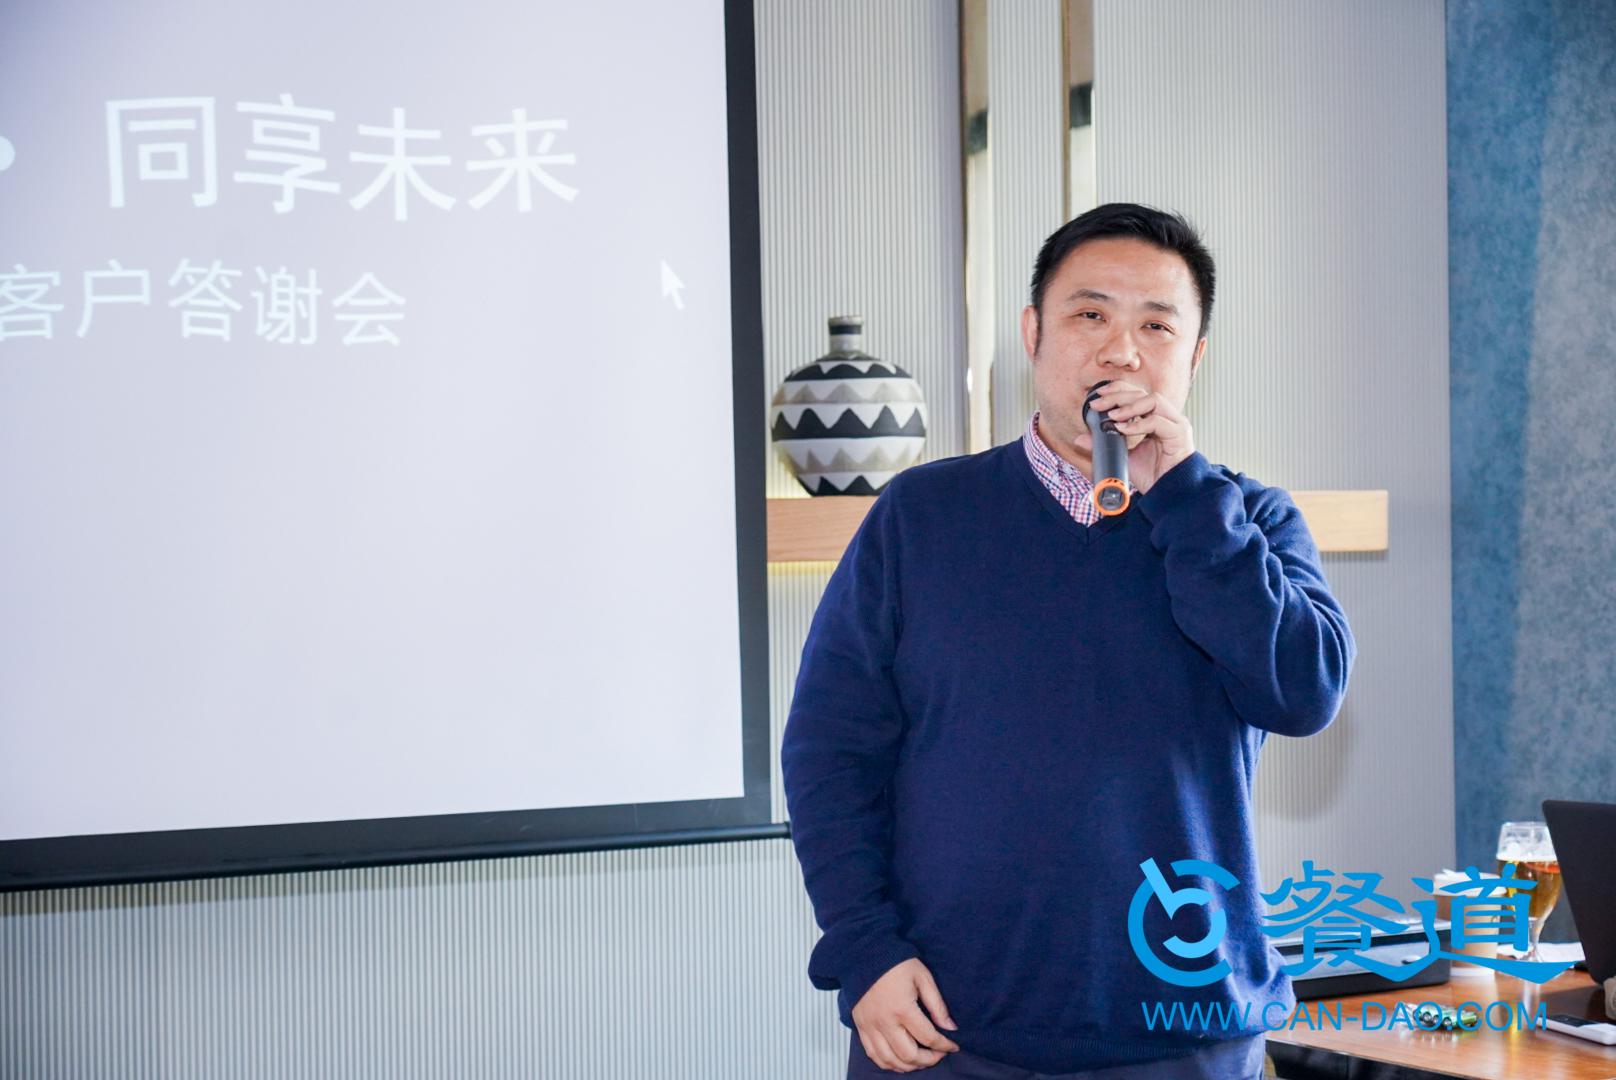 智见数据,共筑未来 | 客户交流盛宴-上海站 完美落幕!